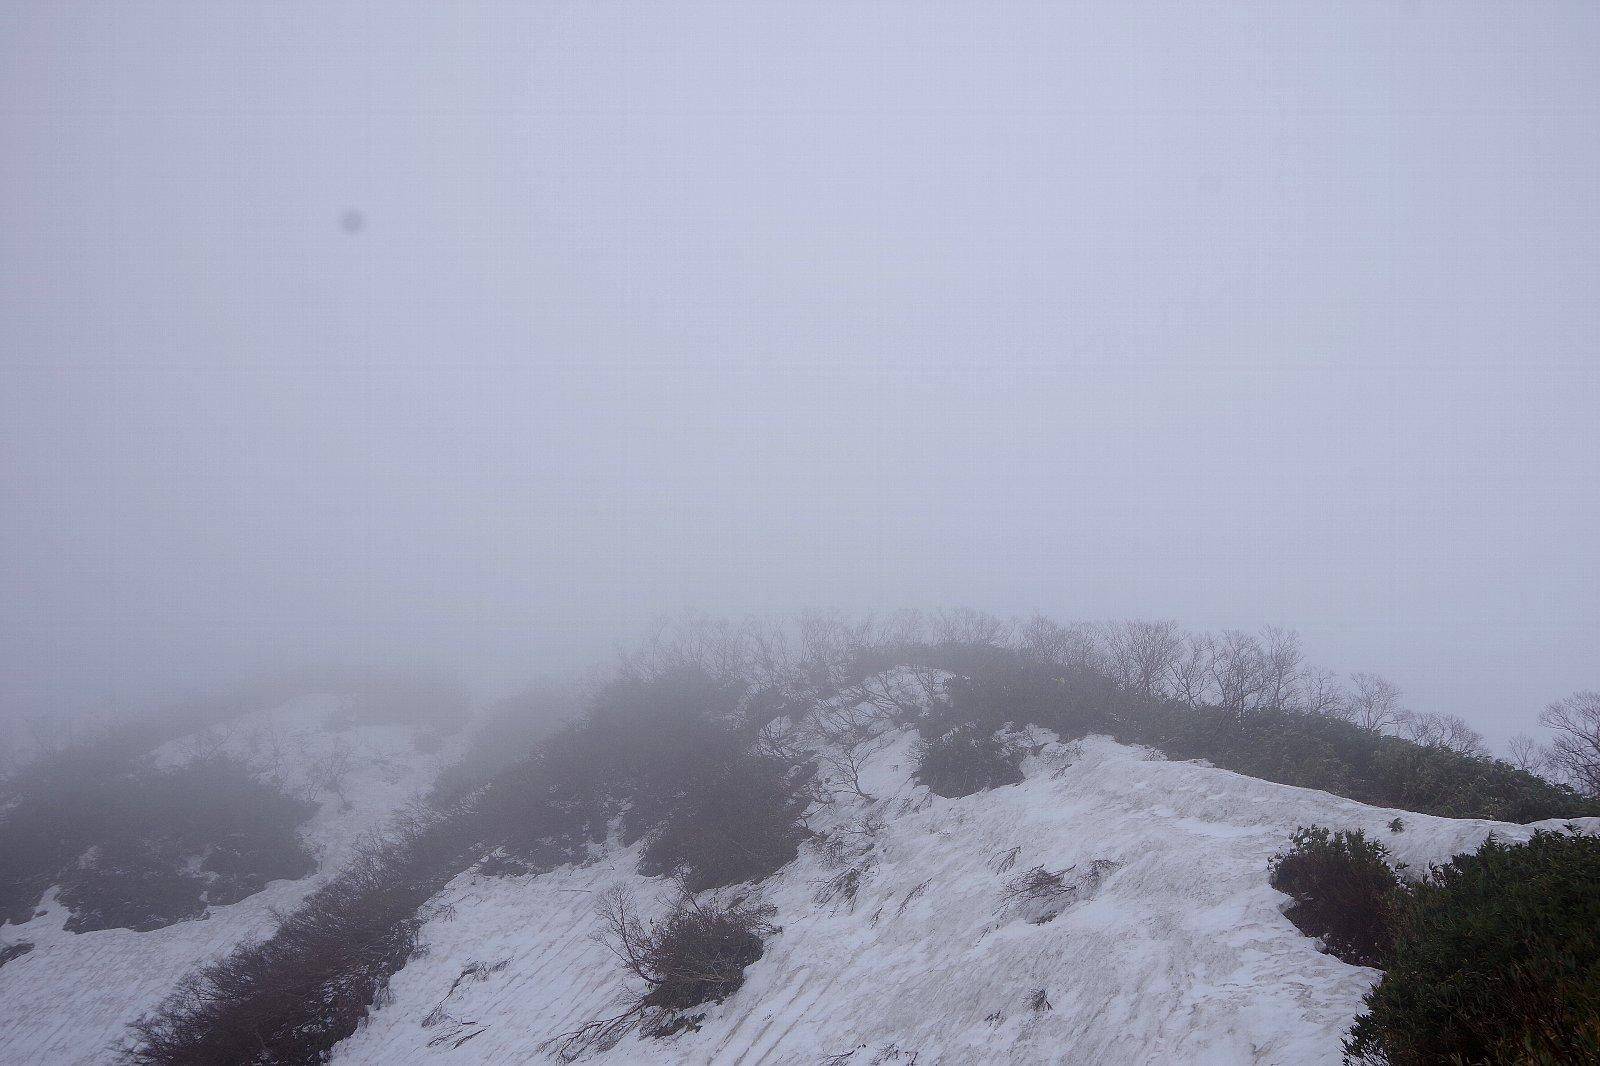 福井の荒島岳!_a0165316_20013950.jpg